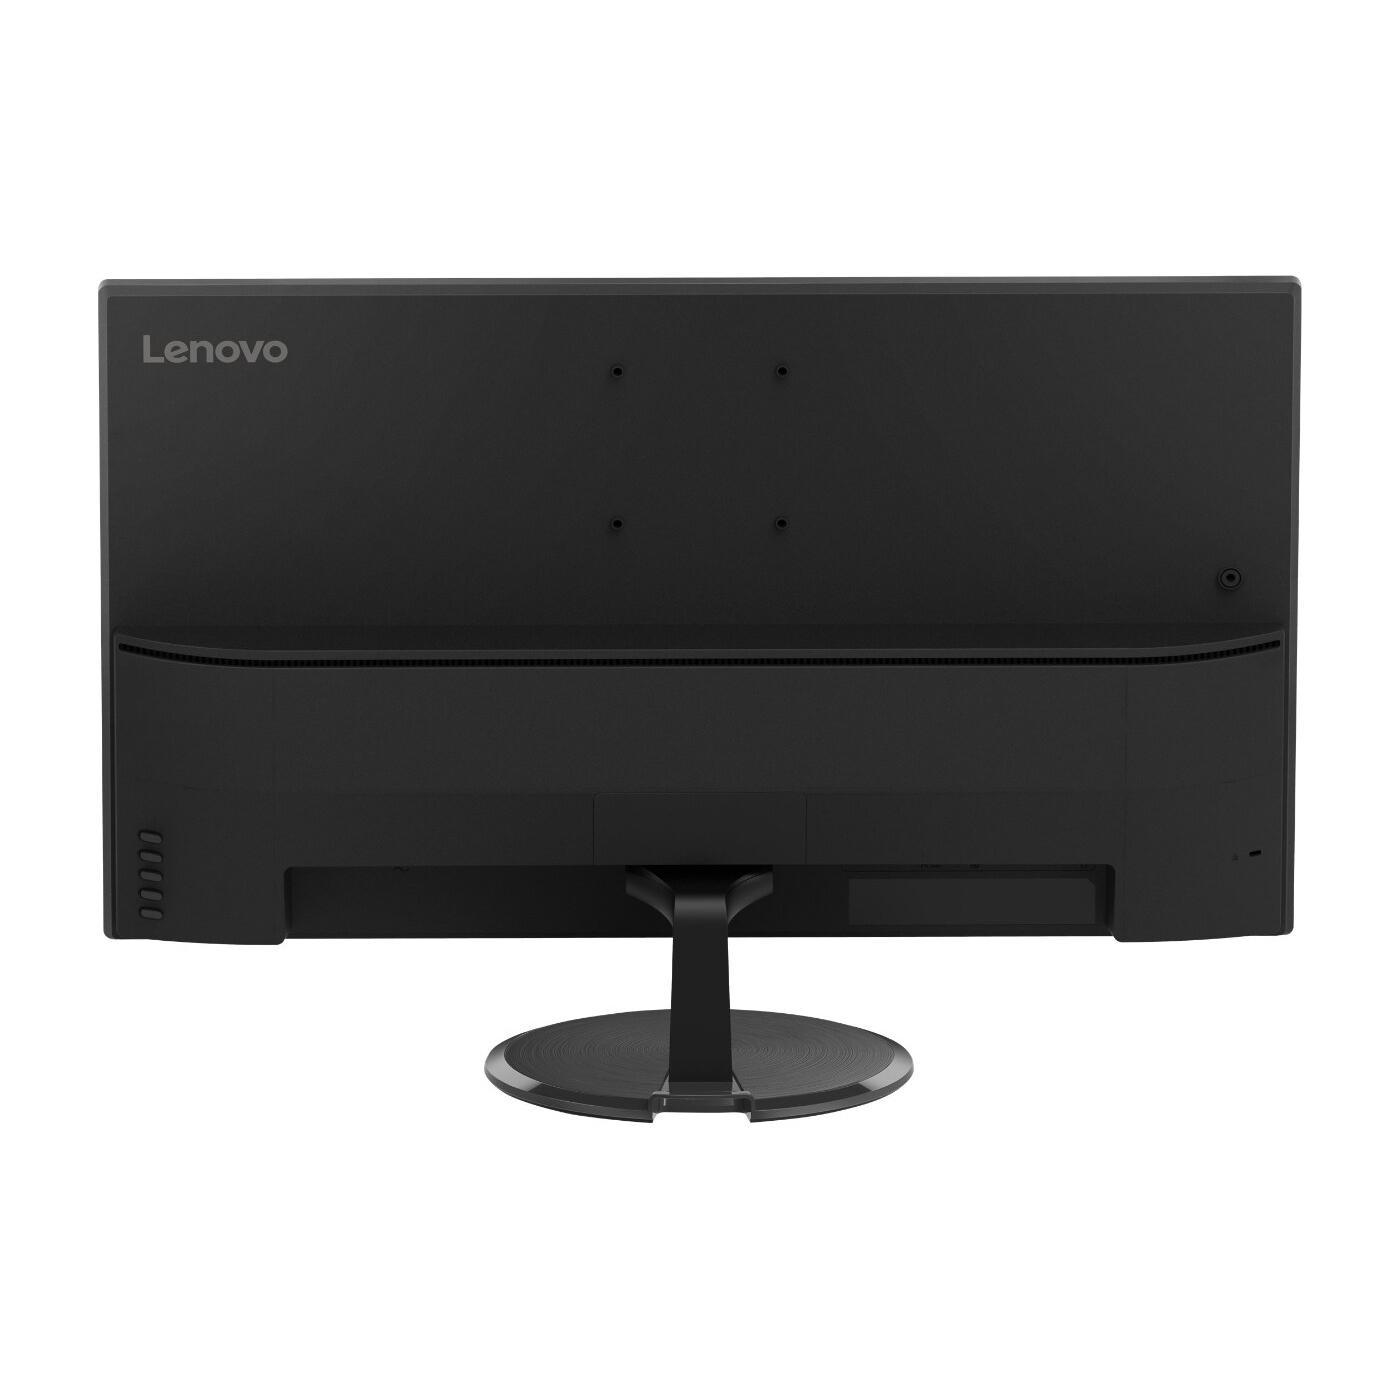 Lenovo 31.5-inch Monitor 2560 x 1440 LCD (C32Q-20)